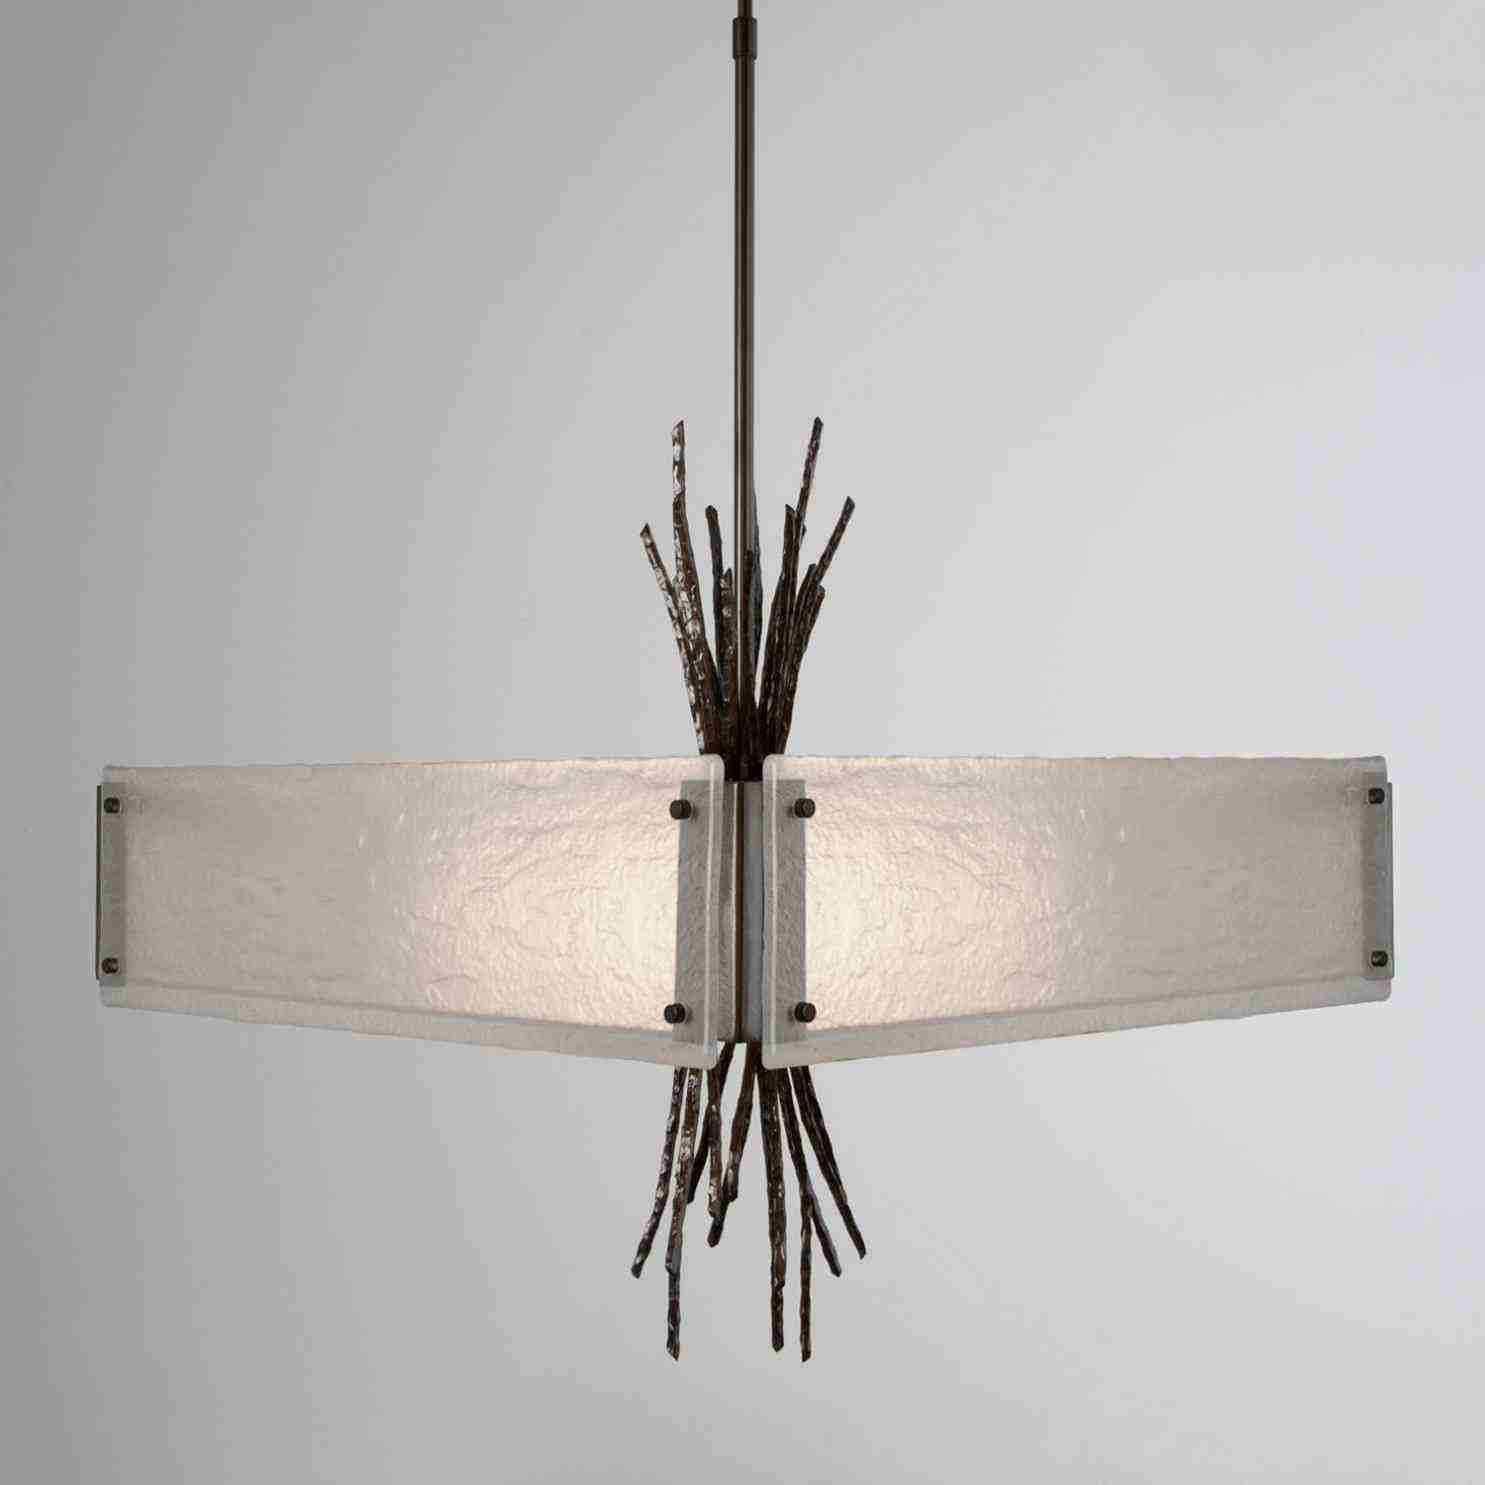 Full Size of Ikea Lampen Wohnzimmer Frisch 30 Inspirierend Deckenlampen Stehlampen Sofa Mit Schlaffunktion Esstisch Bad Led Designer Miniküche Betten 160x200 Modern Küche Wohnzimmer Ikea Lampen